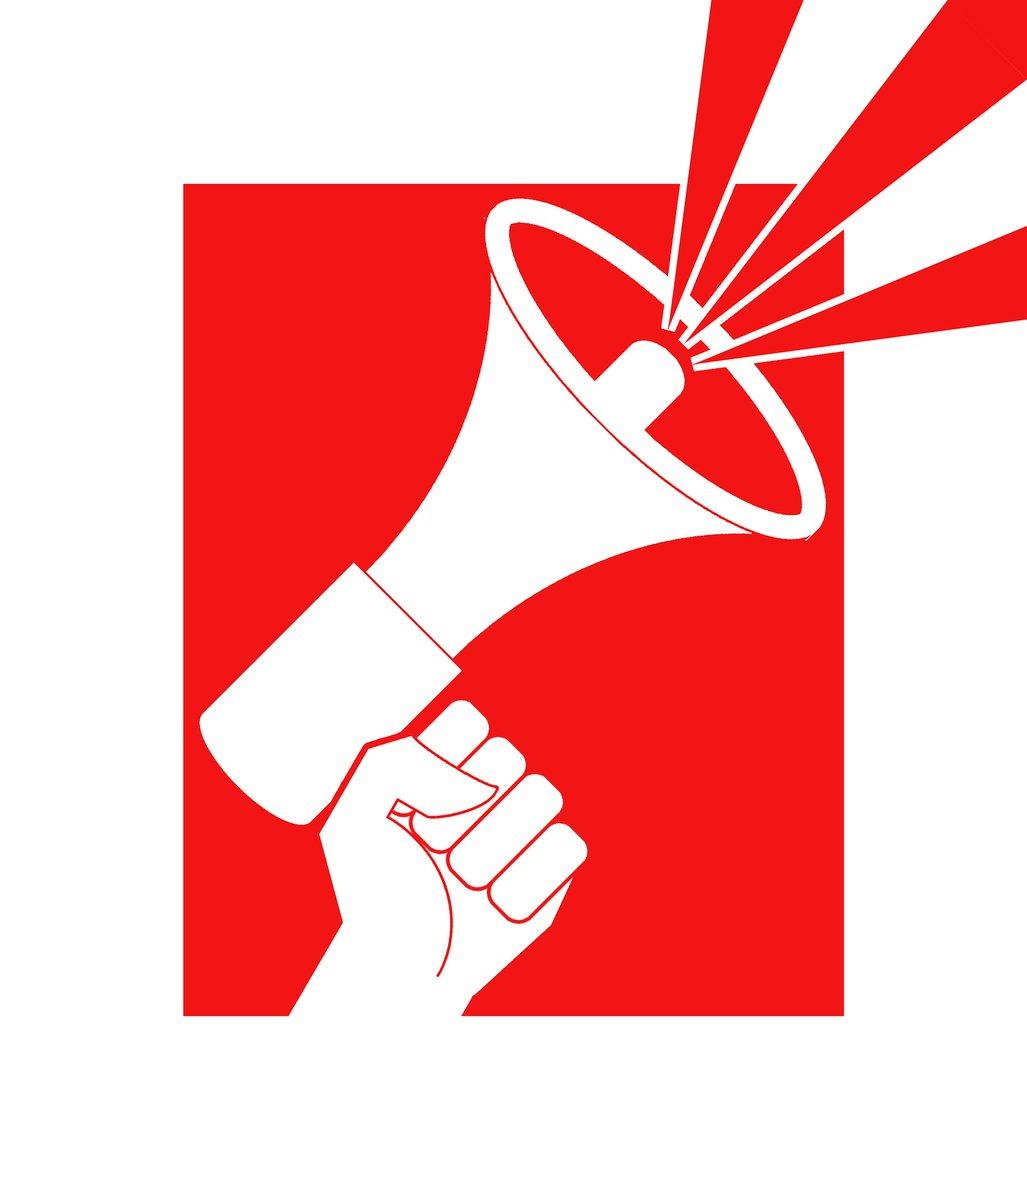 Fais entendre ta voix contre MLP! Chacune compte dimanche ! #ArmeDuVote #AntiFHainepic.twitter.com/dLSAdLdbur